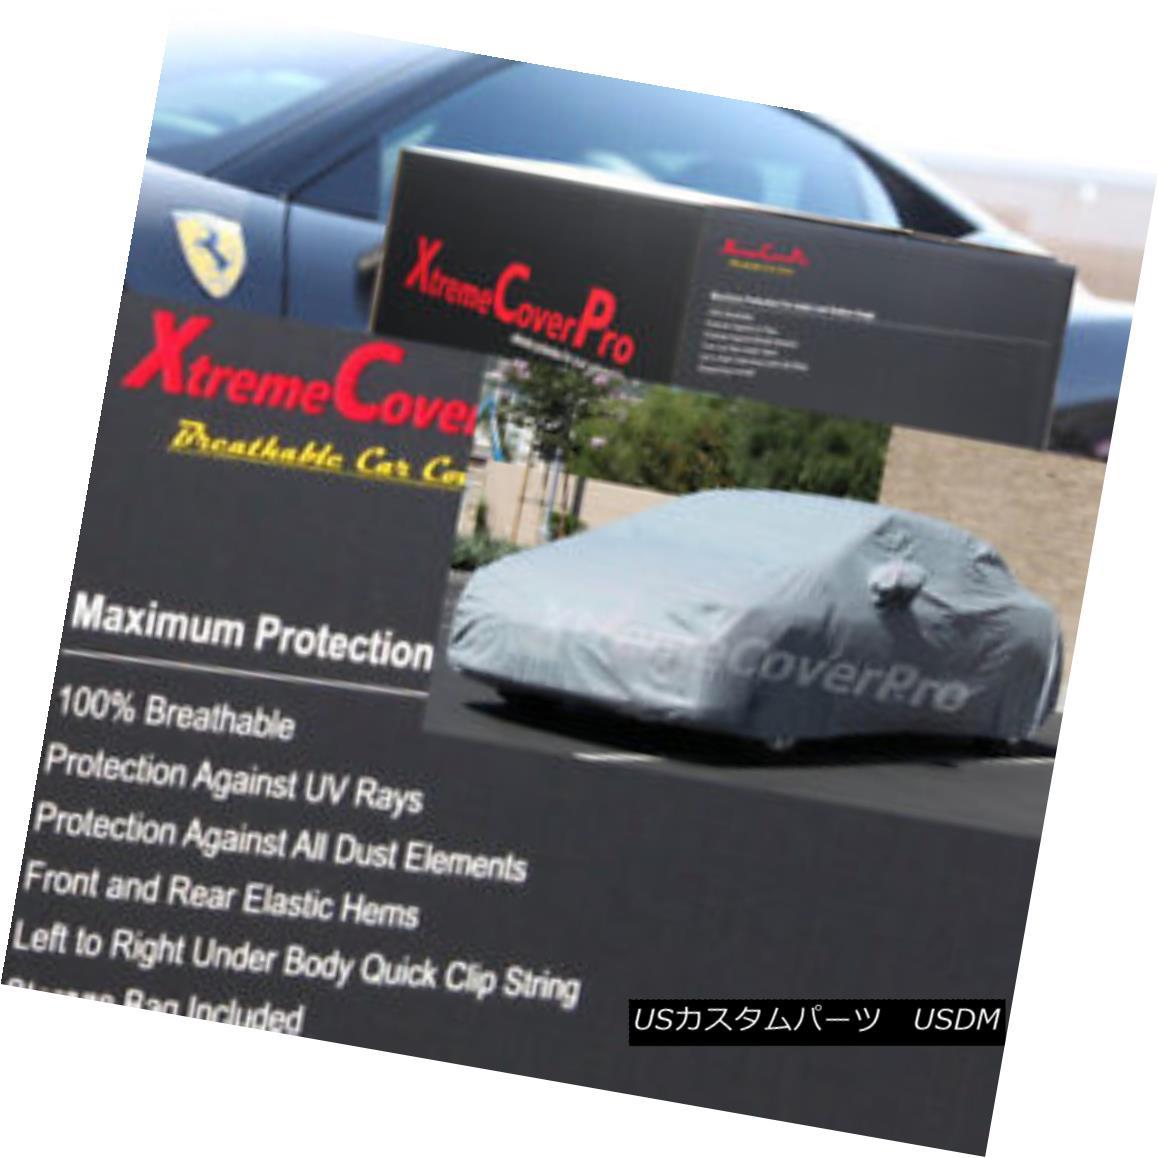 カーカバー 2014 MINI CLUBMAN Breathable Car Cover w/ Mirror Pocket 2014 MINI CLUBMAN通気性のある車カバー付きのミラーポケット